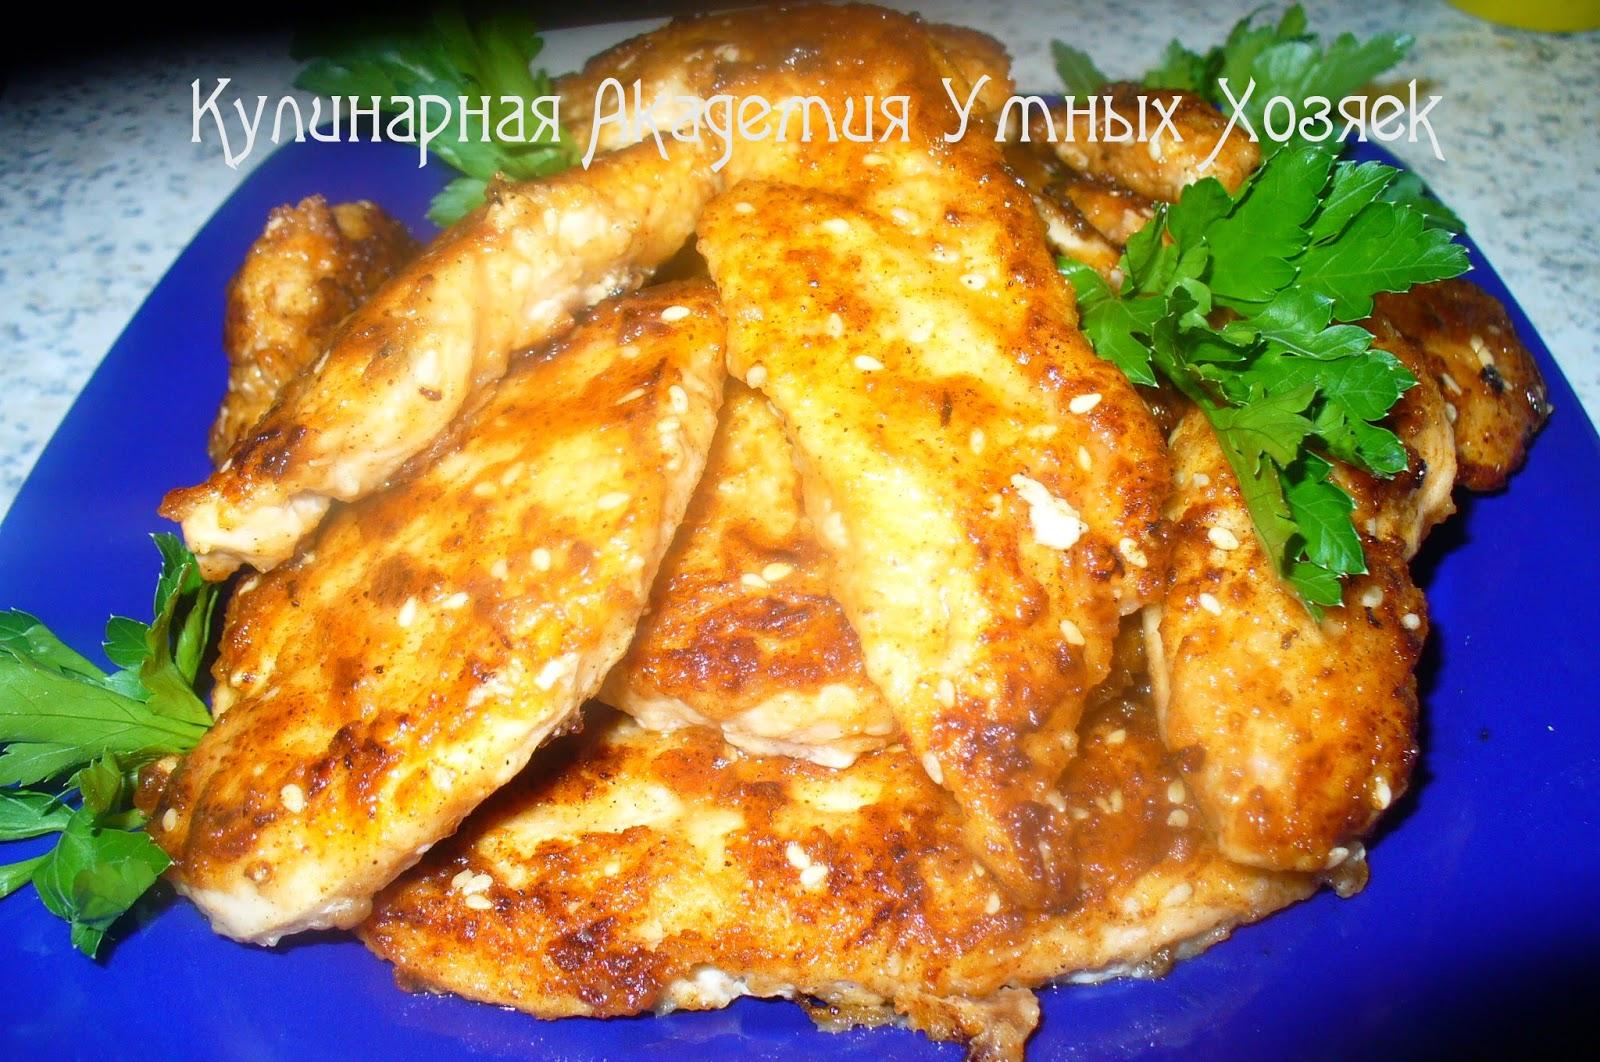 куриное филе готовое